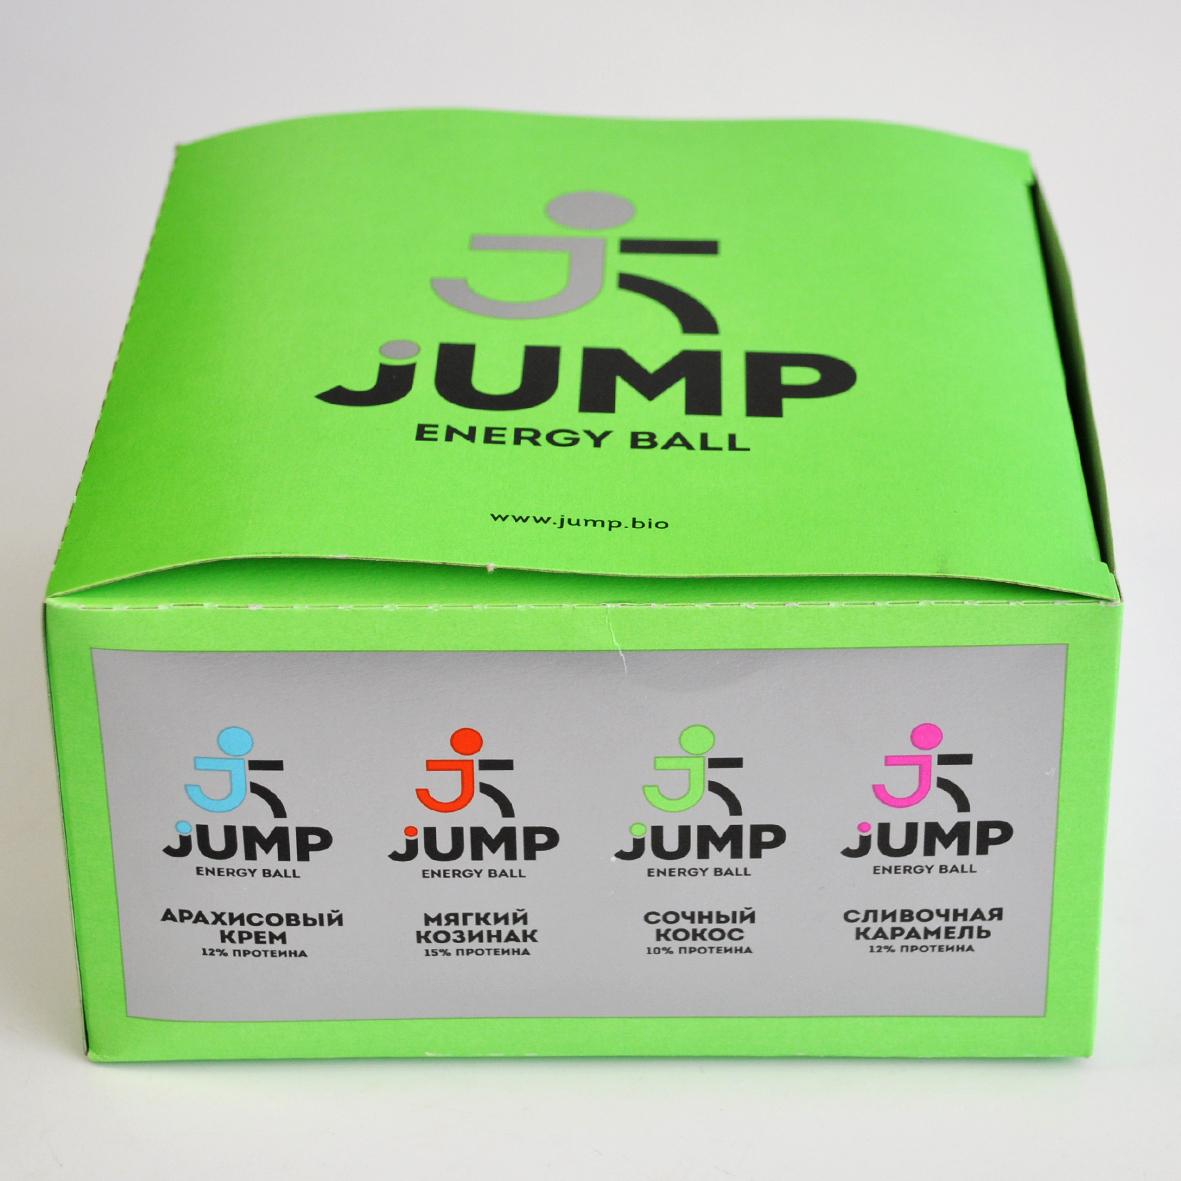 Healthy Ball Jump energy ball